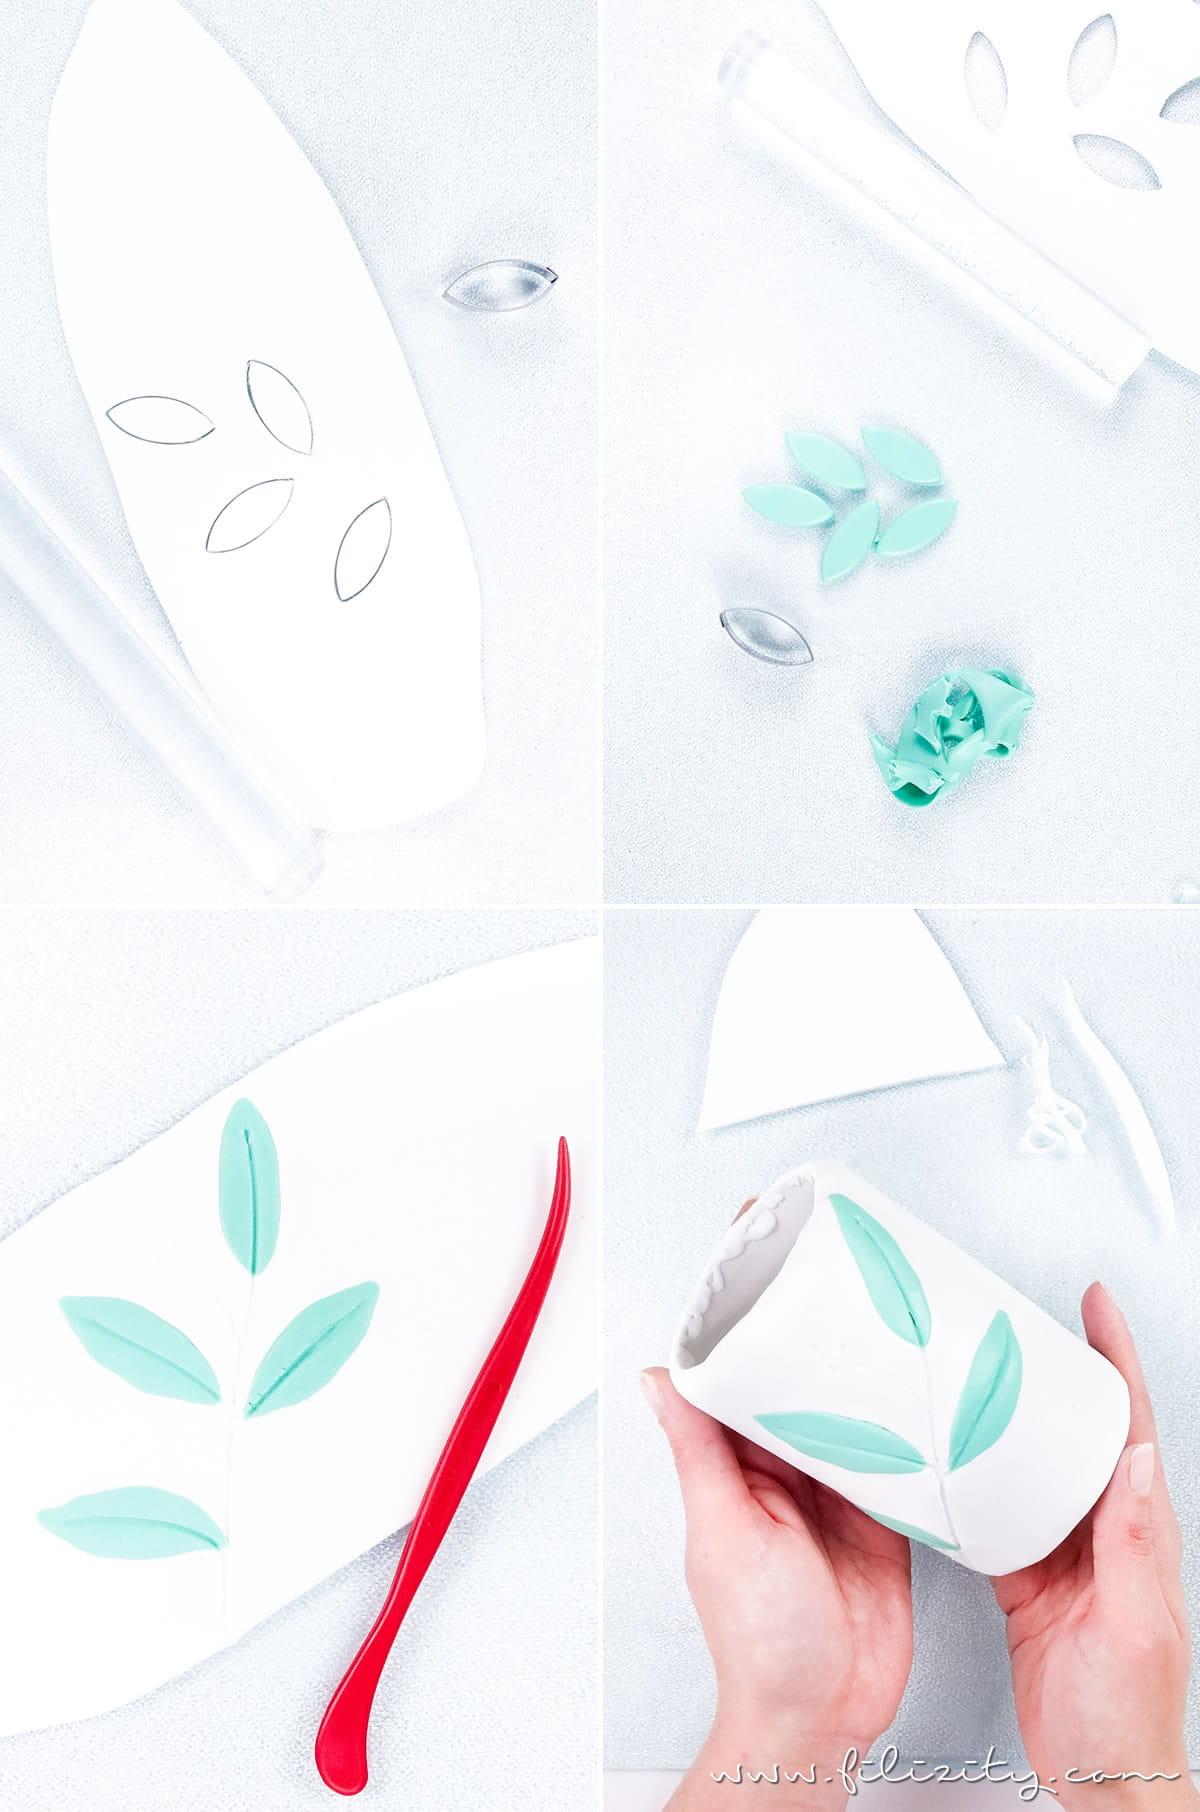 DIY FIMO Zahnbürstenbecher im Botanik-Look | Bad-Accessoire & DIY Geschenkidee im Urban Jungle Style selber machen | Filizity.com | DIY-Blog aus dem Rheinland #fimo #urbanjungle #pflanzen